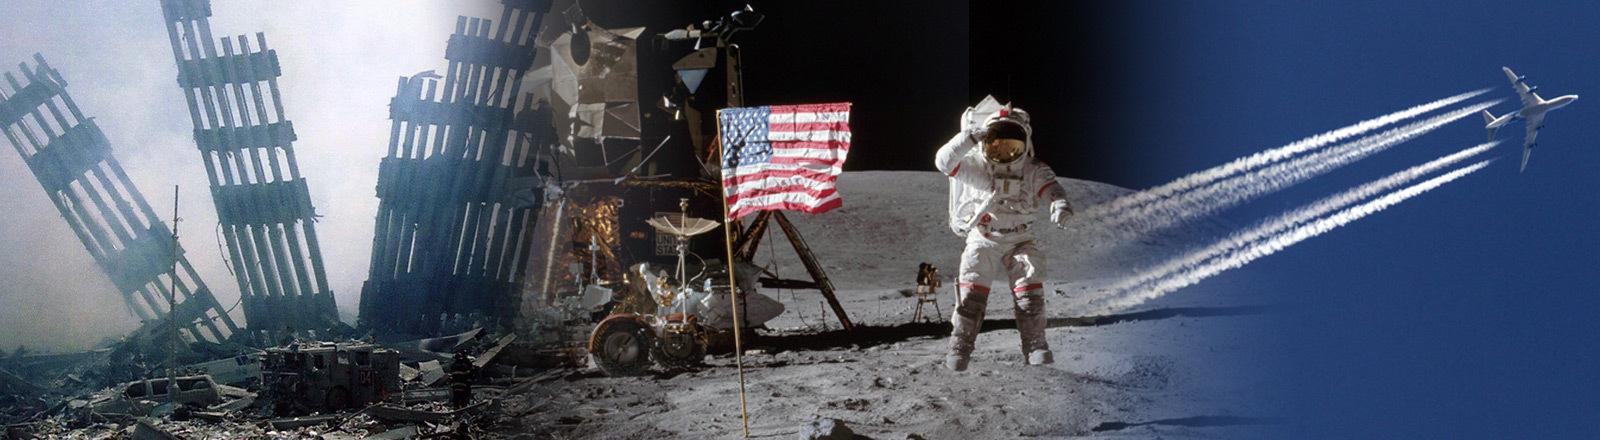 Symbolbild: Collage zu gängigen Verschwörungstheorien zur ersten Mondlandung, Einsturz des WTC in New York und Chemtrails, die angeblich von Flugzeugen erzeugt werden.